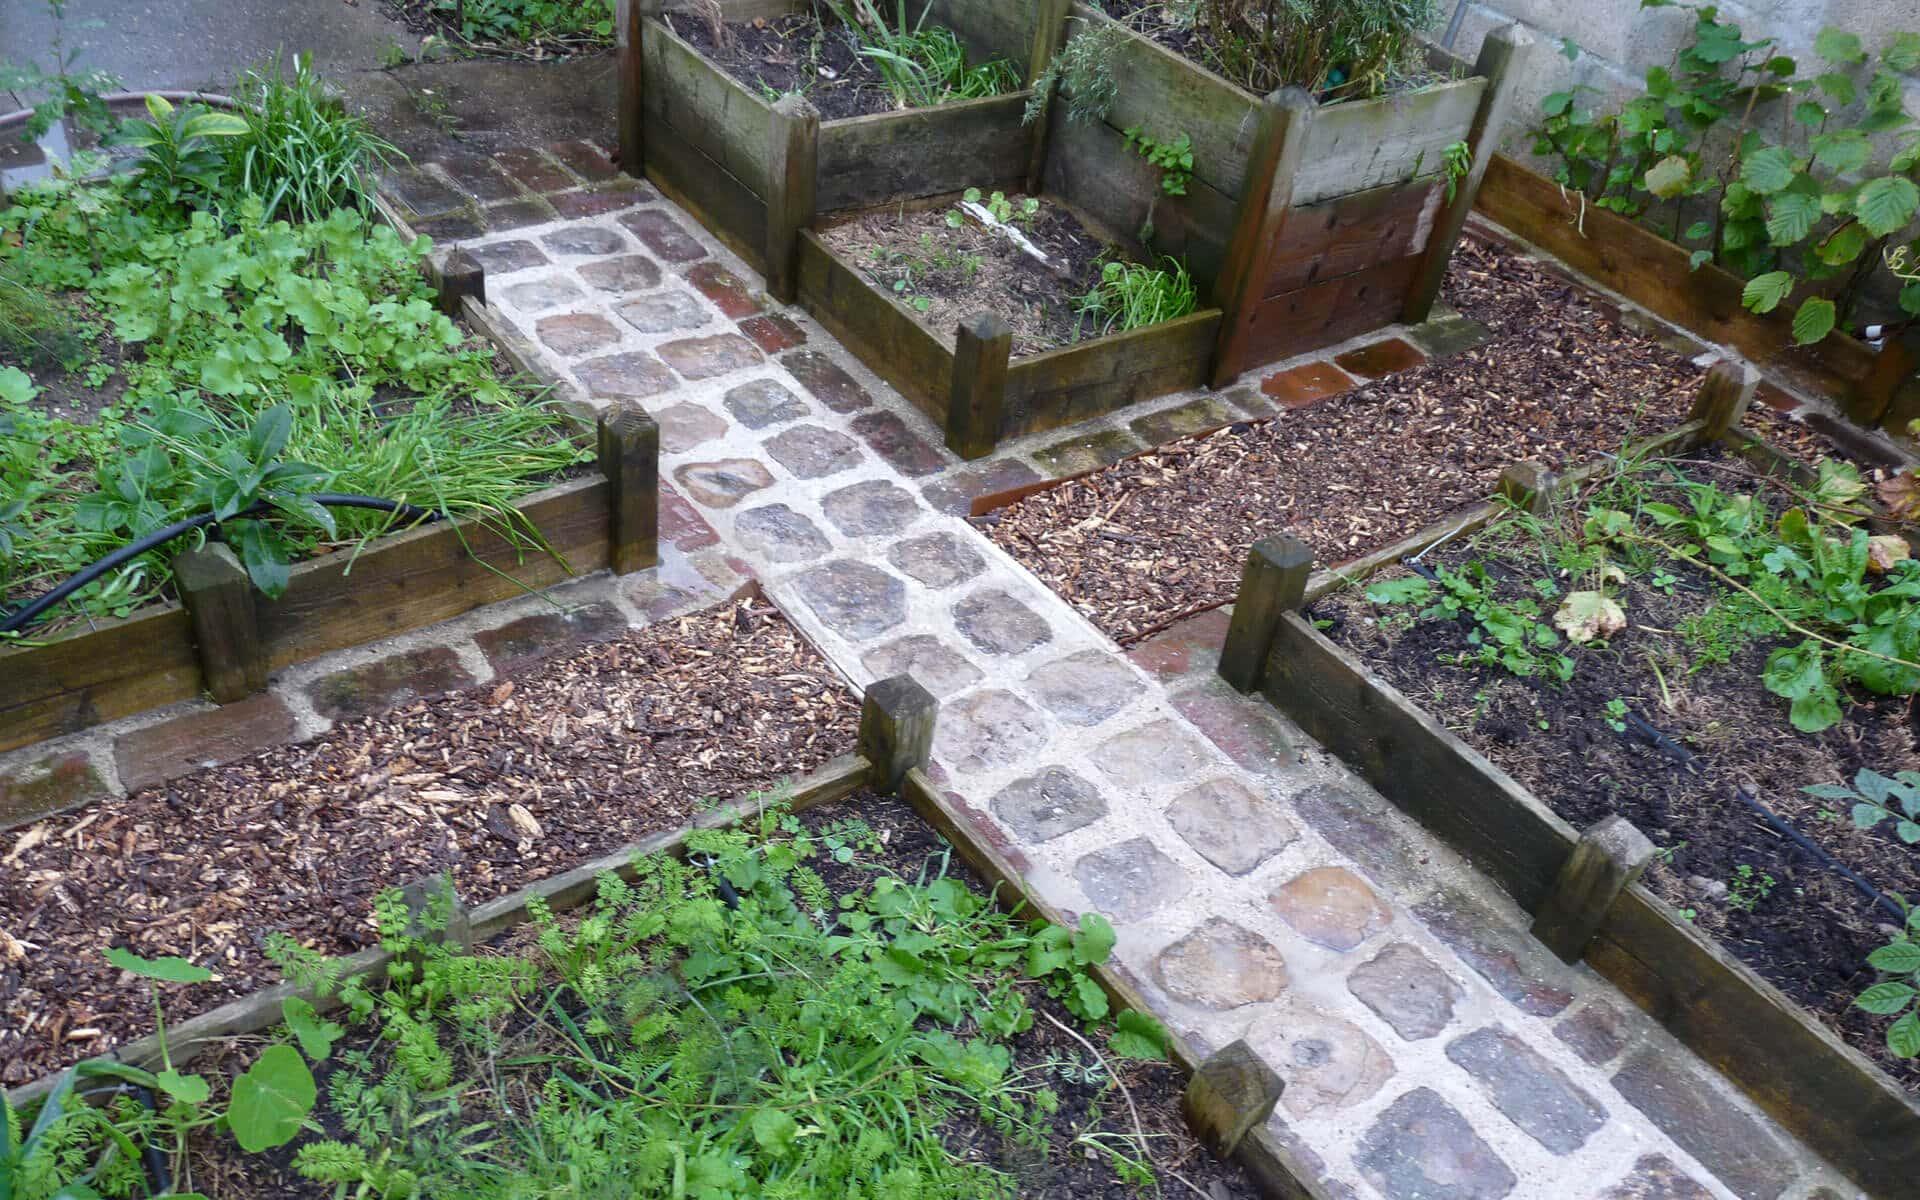 Le potager en carrés donne l'occasion de réaliser différents type d'allées : ici des pavés et du broyat de bois.